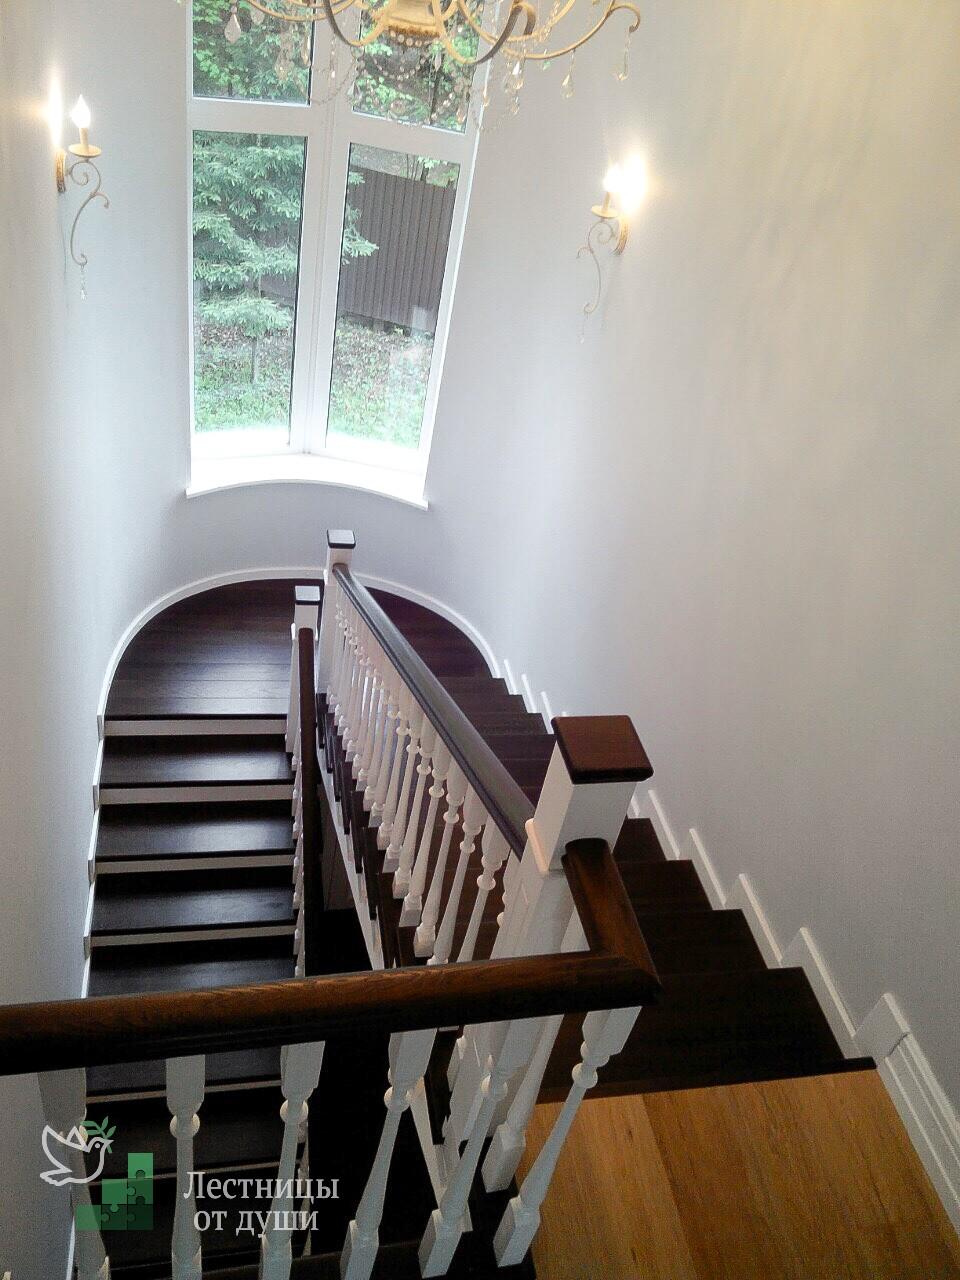 Бетонная лестница с дубовыми ступеньками